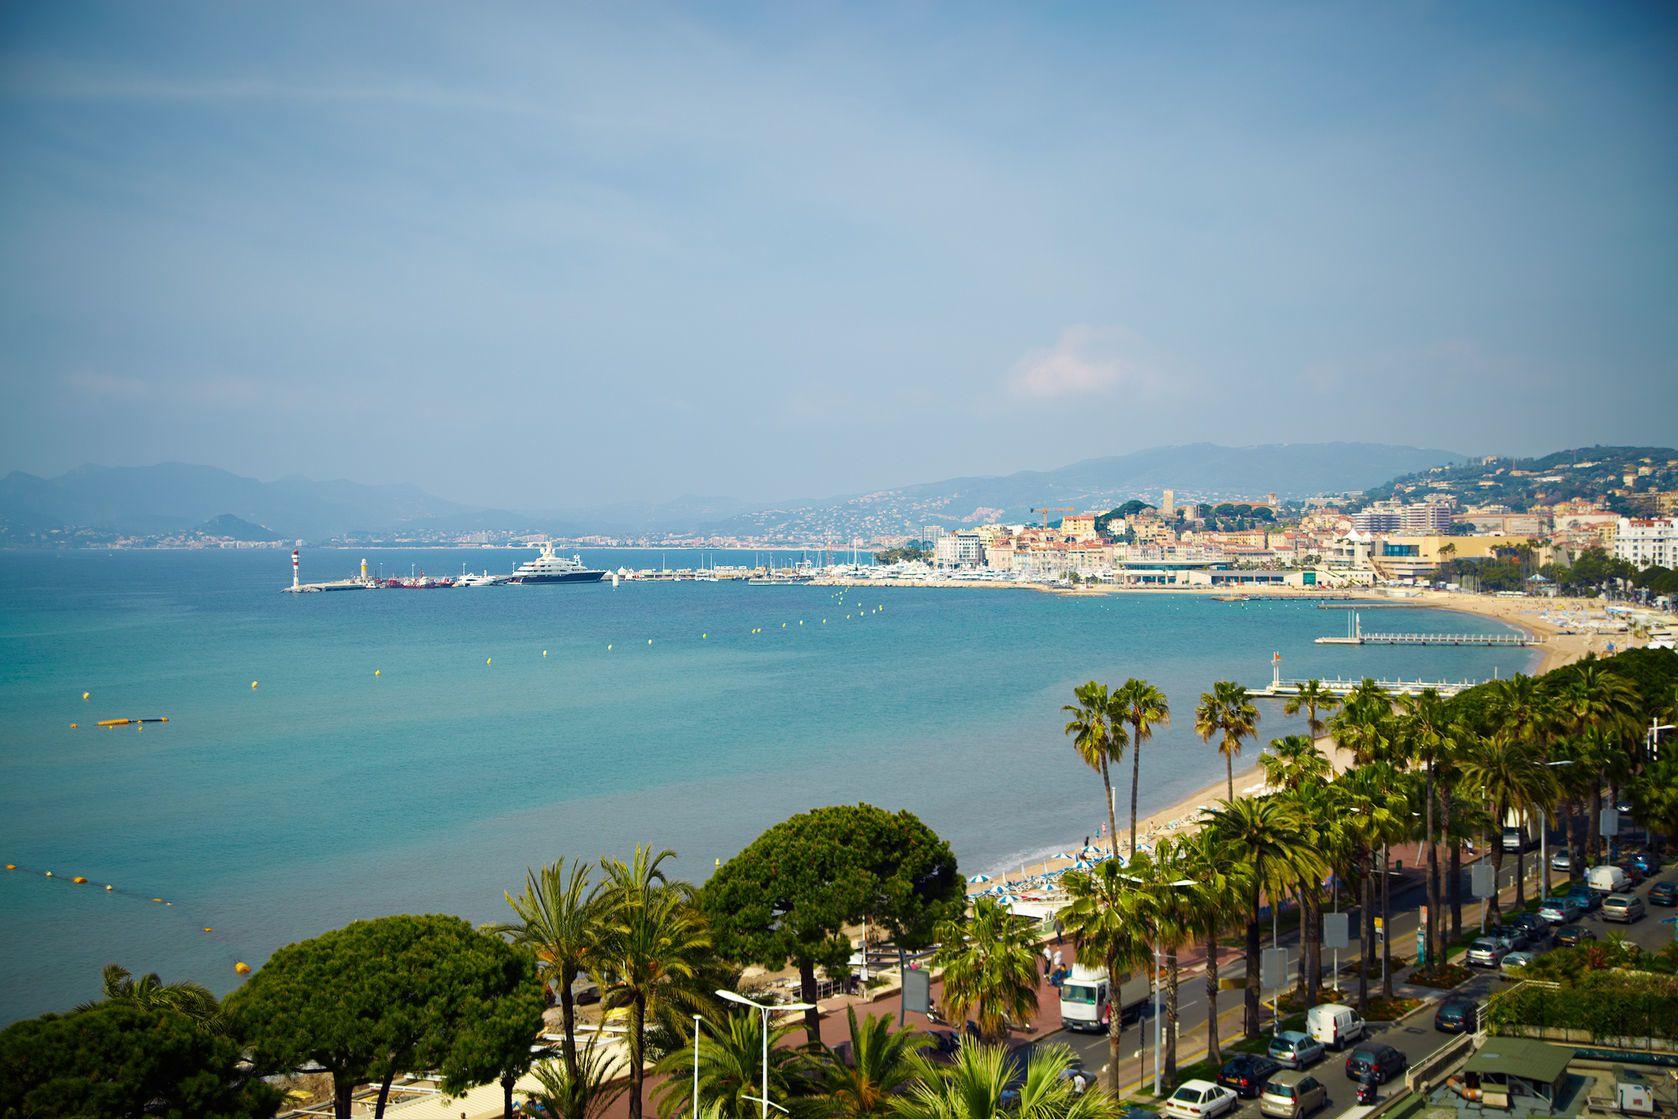 Pobřeží v Cannes ve Francii | iconogenic/123RF.com